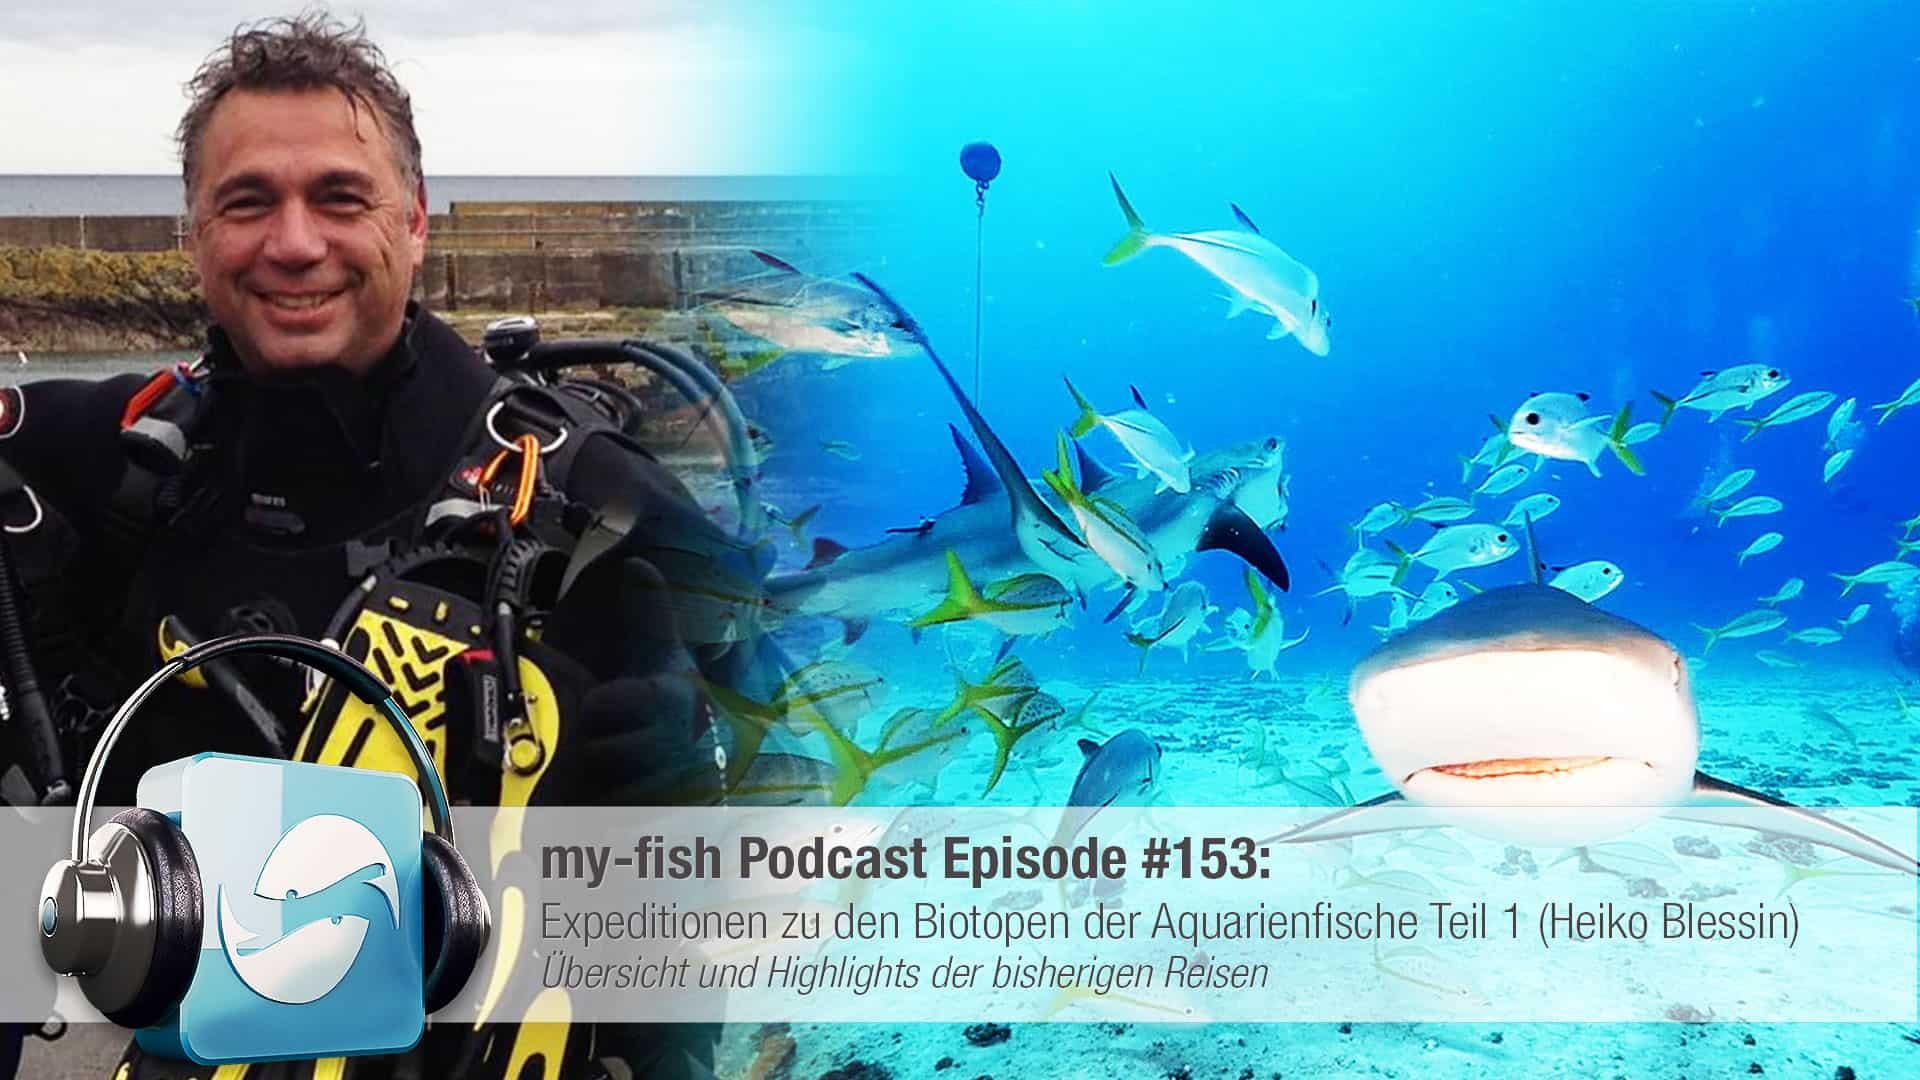 Podcast Episode #153: Expeditionen zu den Biotopen der Aquarienfische Teil 1 (Heiko Blessin) 1